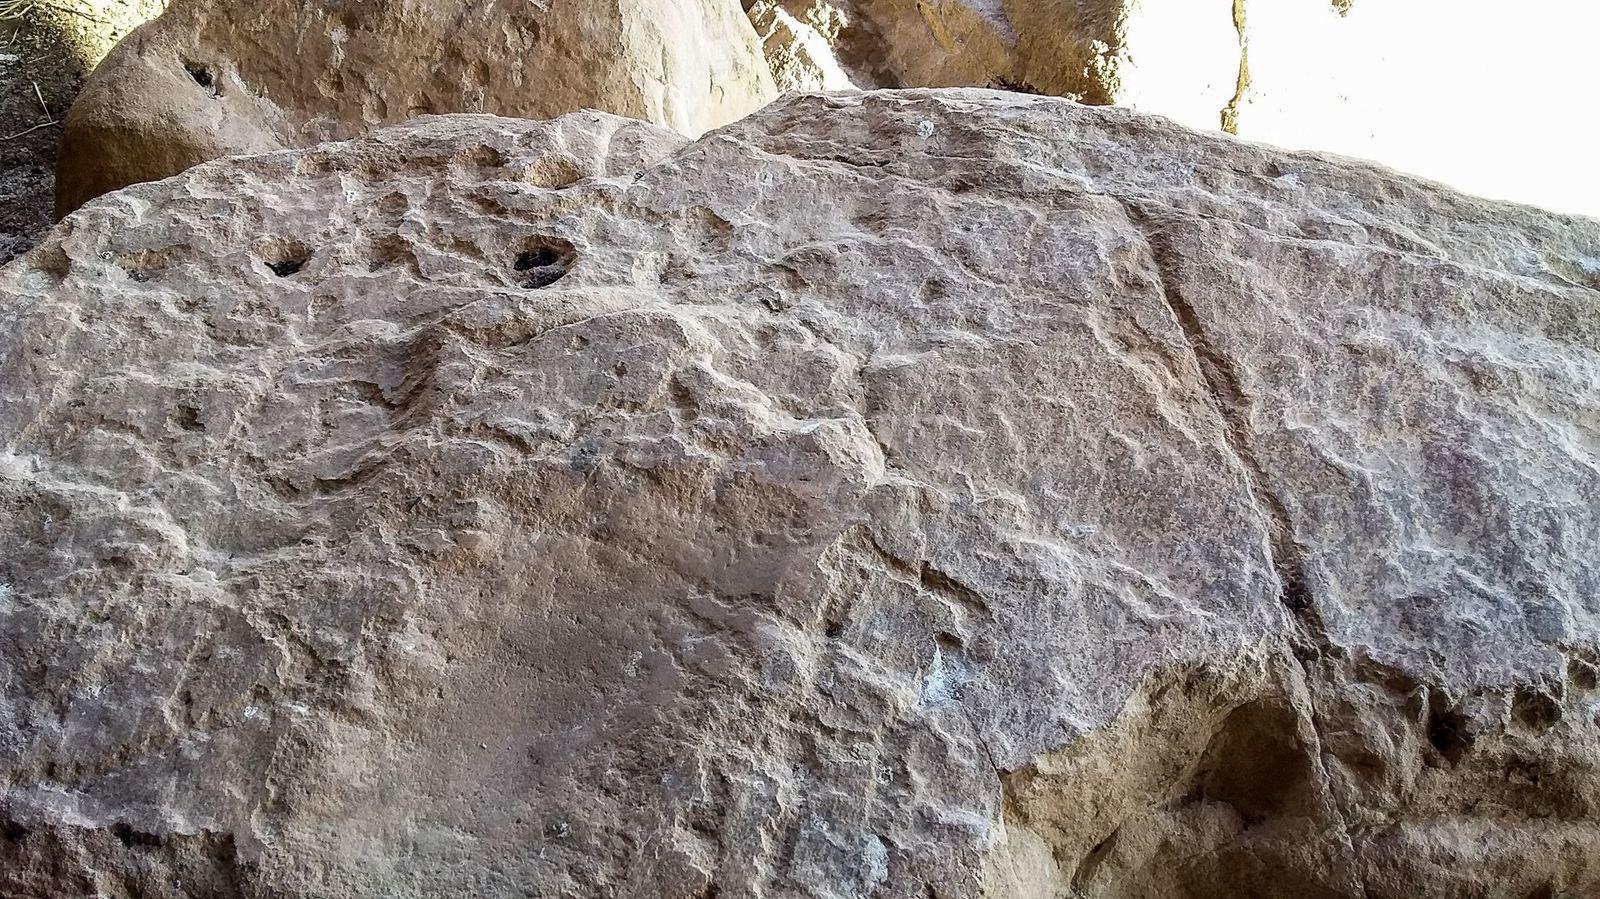 Un peu plus loin, on retrouve des roches gravées